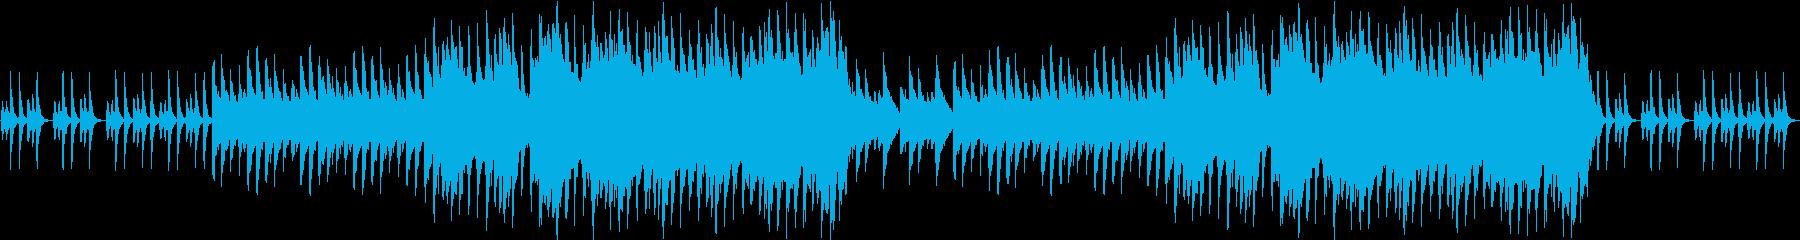 安心できる場面を想定したBGMの再生済みの波形